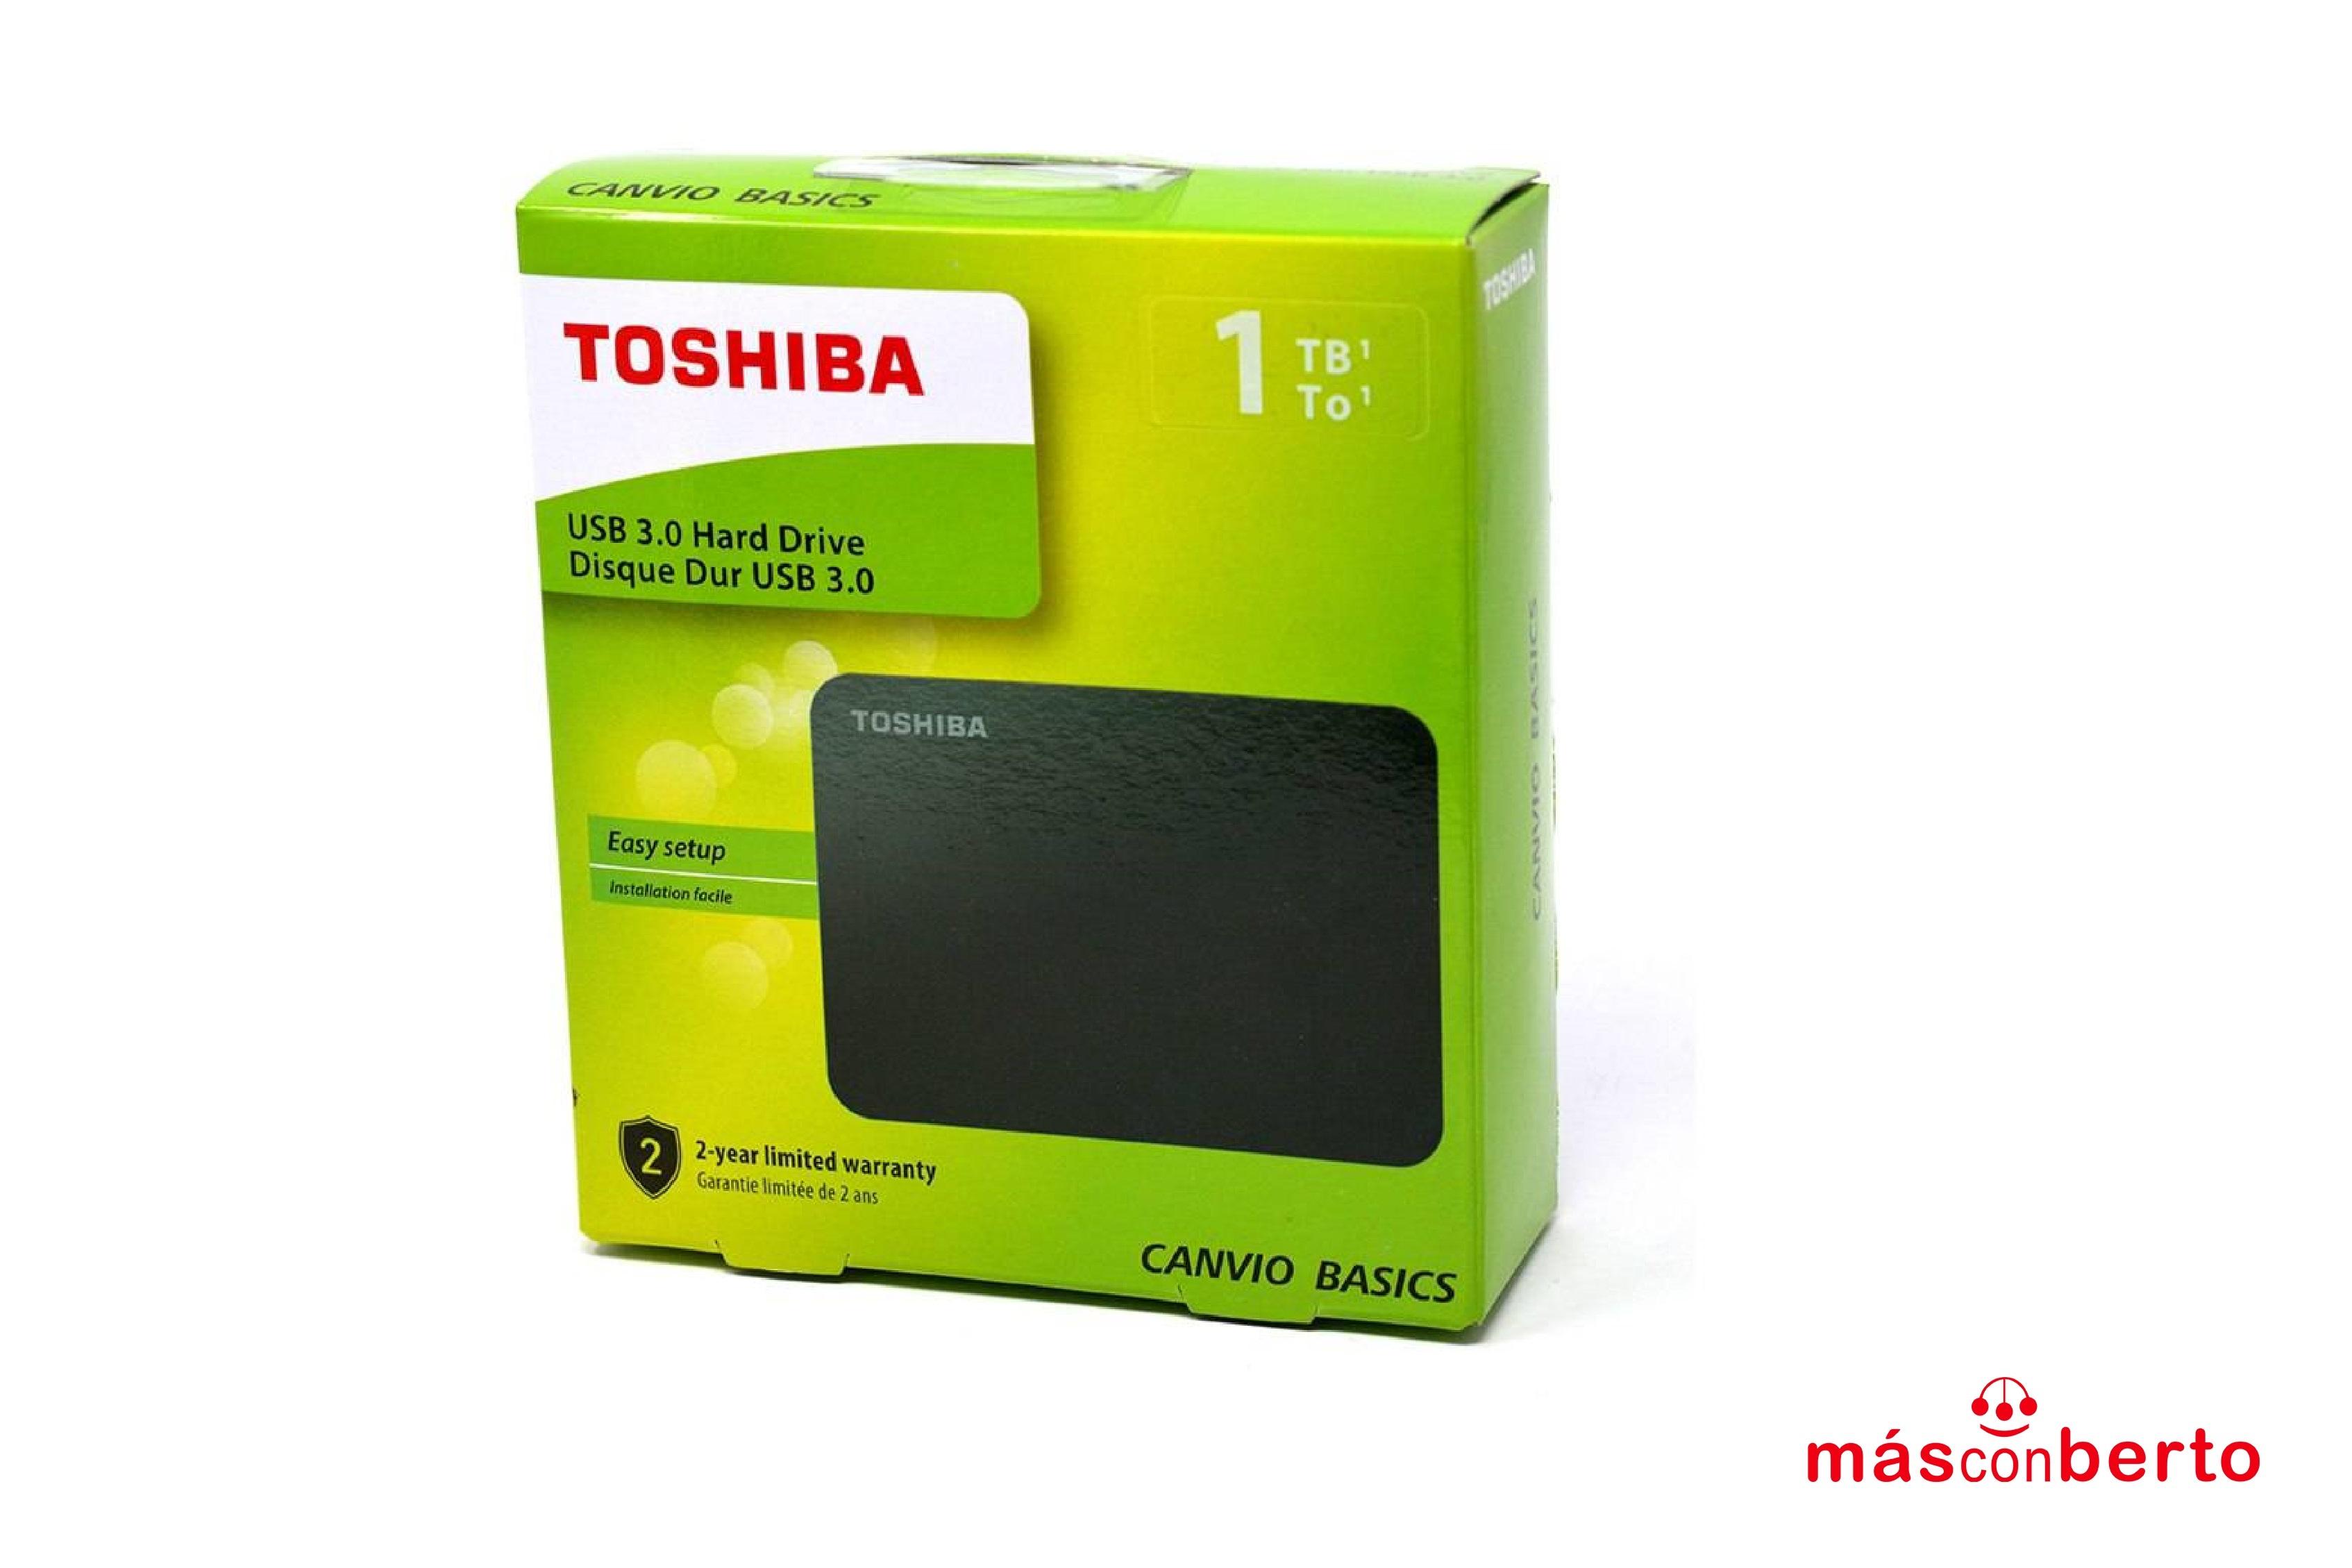 Disco Duro Toshiba 1Tb 3.0